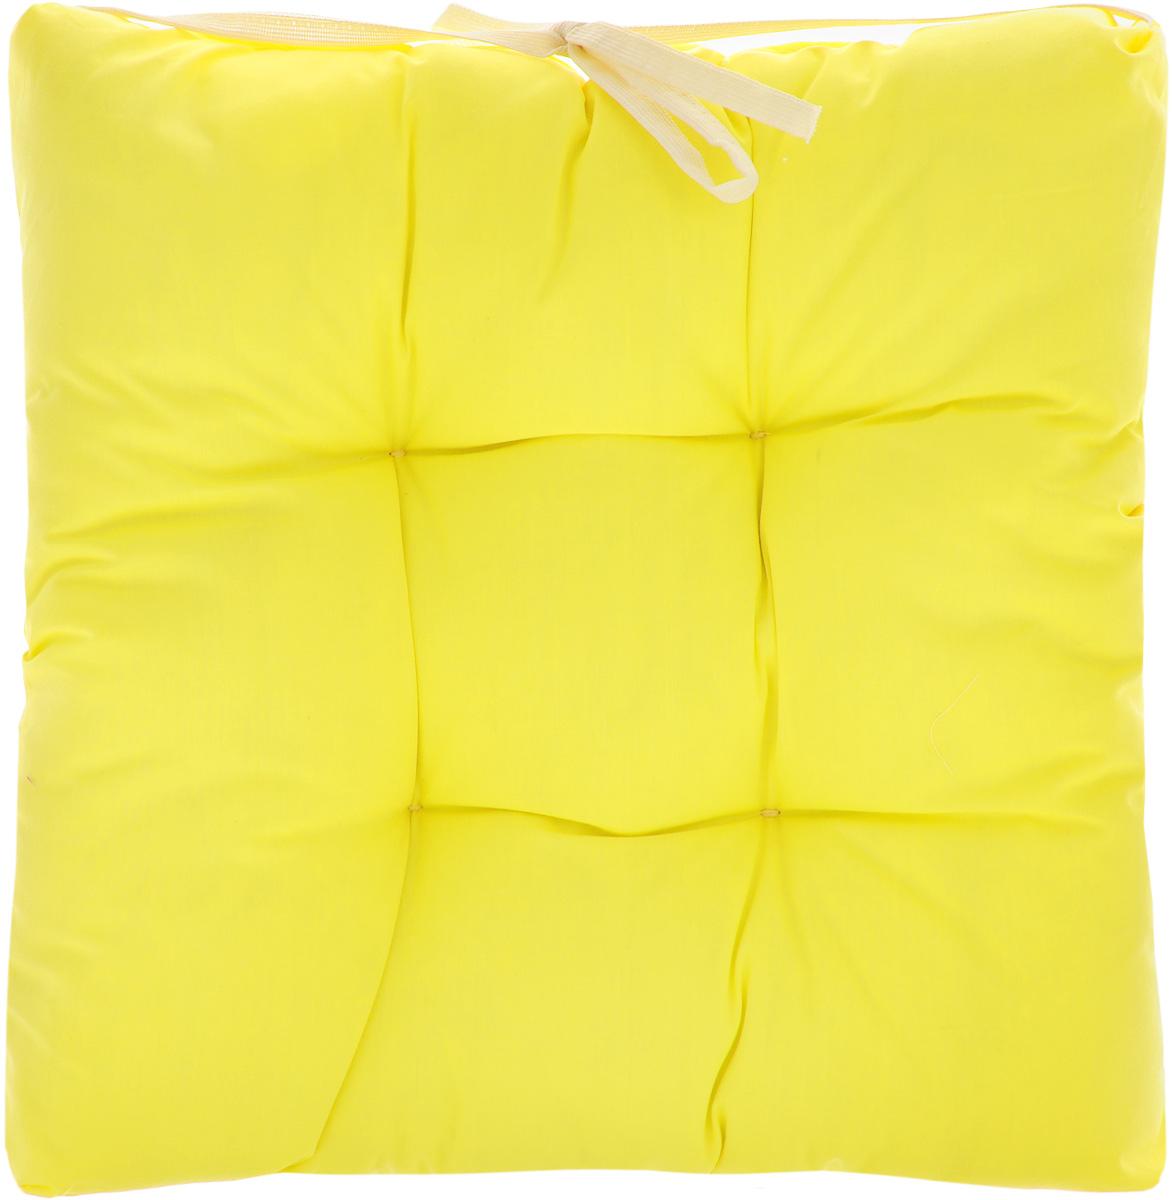 Подушка на стул Eva, объемная, цвет: желтый, 40 х 40 смЕ064_желтыйПодушка Eva, изготовленная из хлопка, прослужит вам не один десяток лет. Внутри - мягкий наполнитель из полиэстера. Стежка надежно удерживает наполнитель внутри ине позволяет ему скатываться. Подушка легко крепится на стул с помощью завязок. Правильно сидеть - значит сохранить здоровье на долгие годы. Жесткие сидения подвергаютнаше здоровье опасности. Подушка с наполнителем из полиэстера поможет предотвратитьмногие беды, которыми грозит сидячий образ жизни.